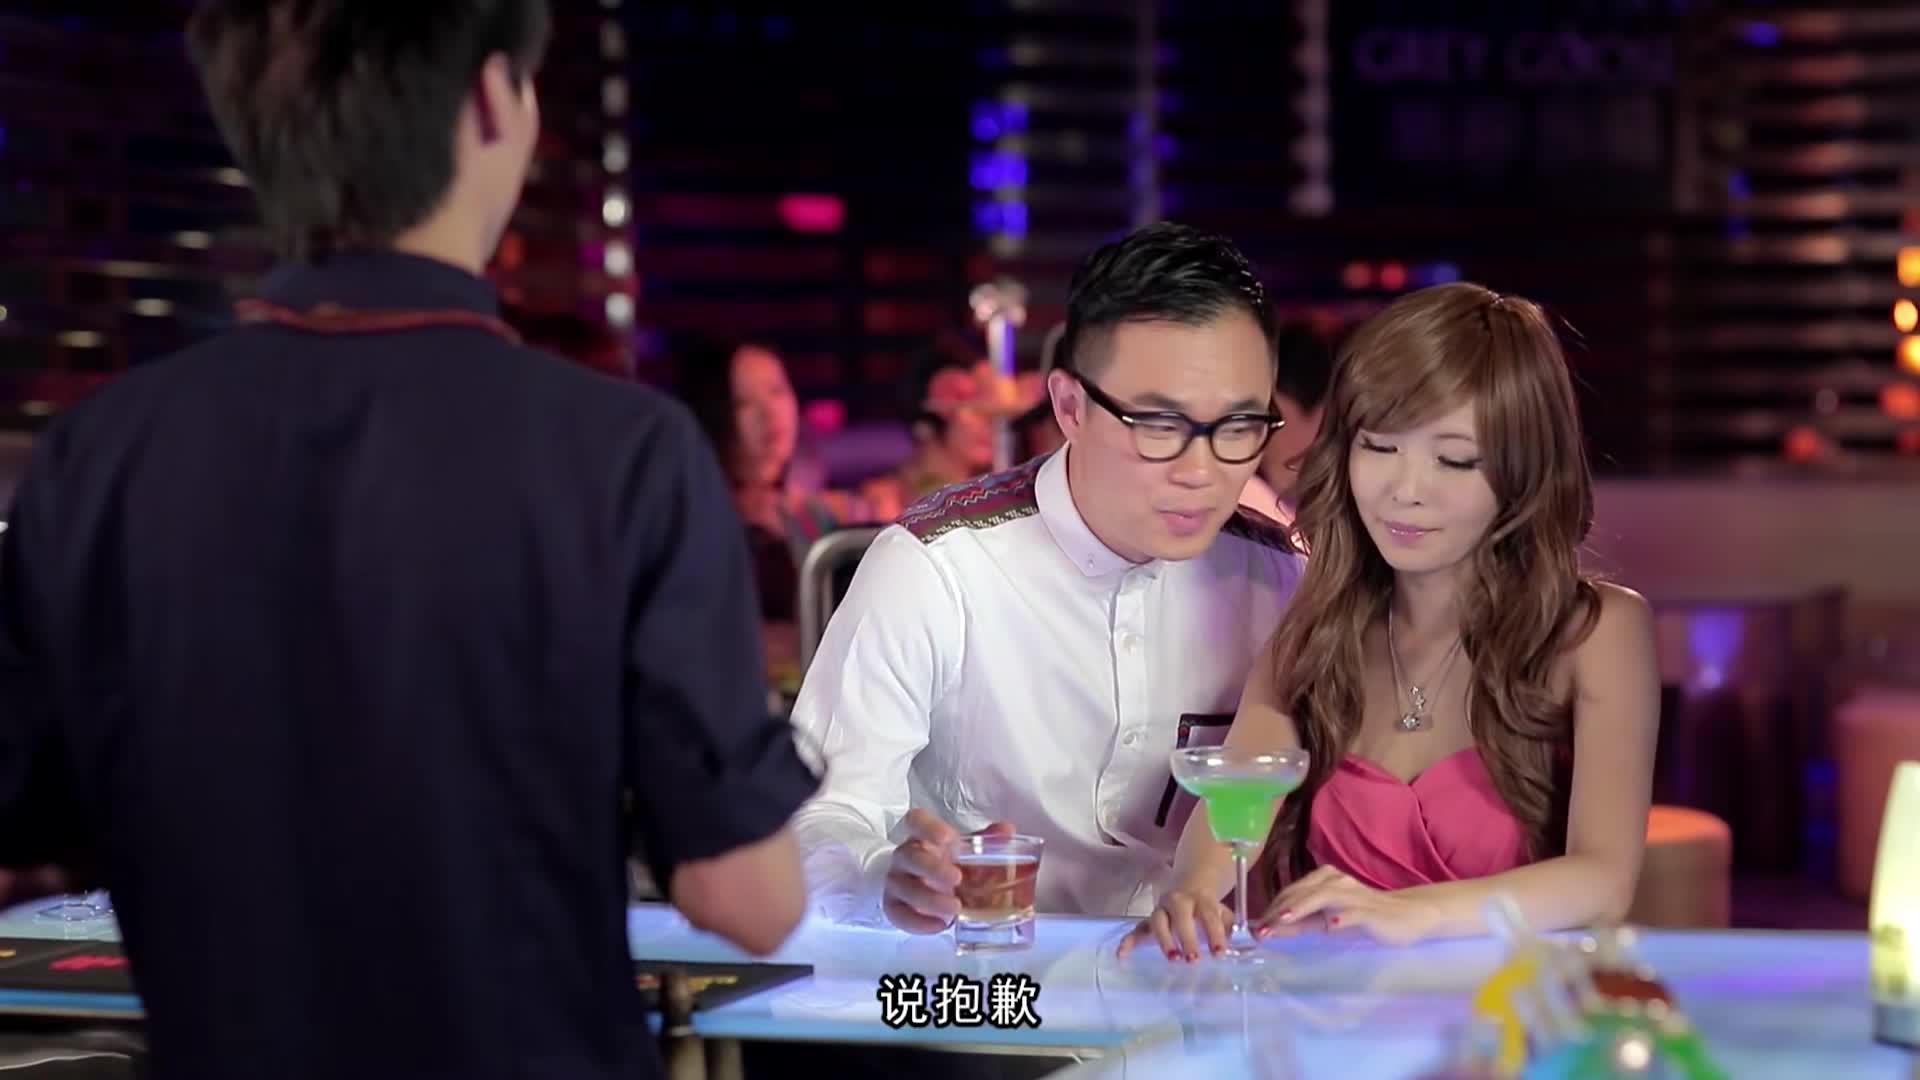 大鹏在酒吧搭讪美女,最后竟然是这样的,太尴尬了